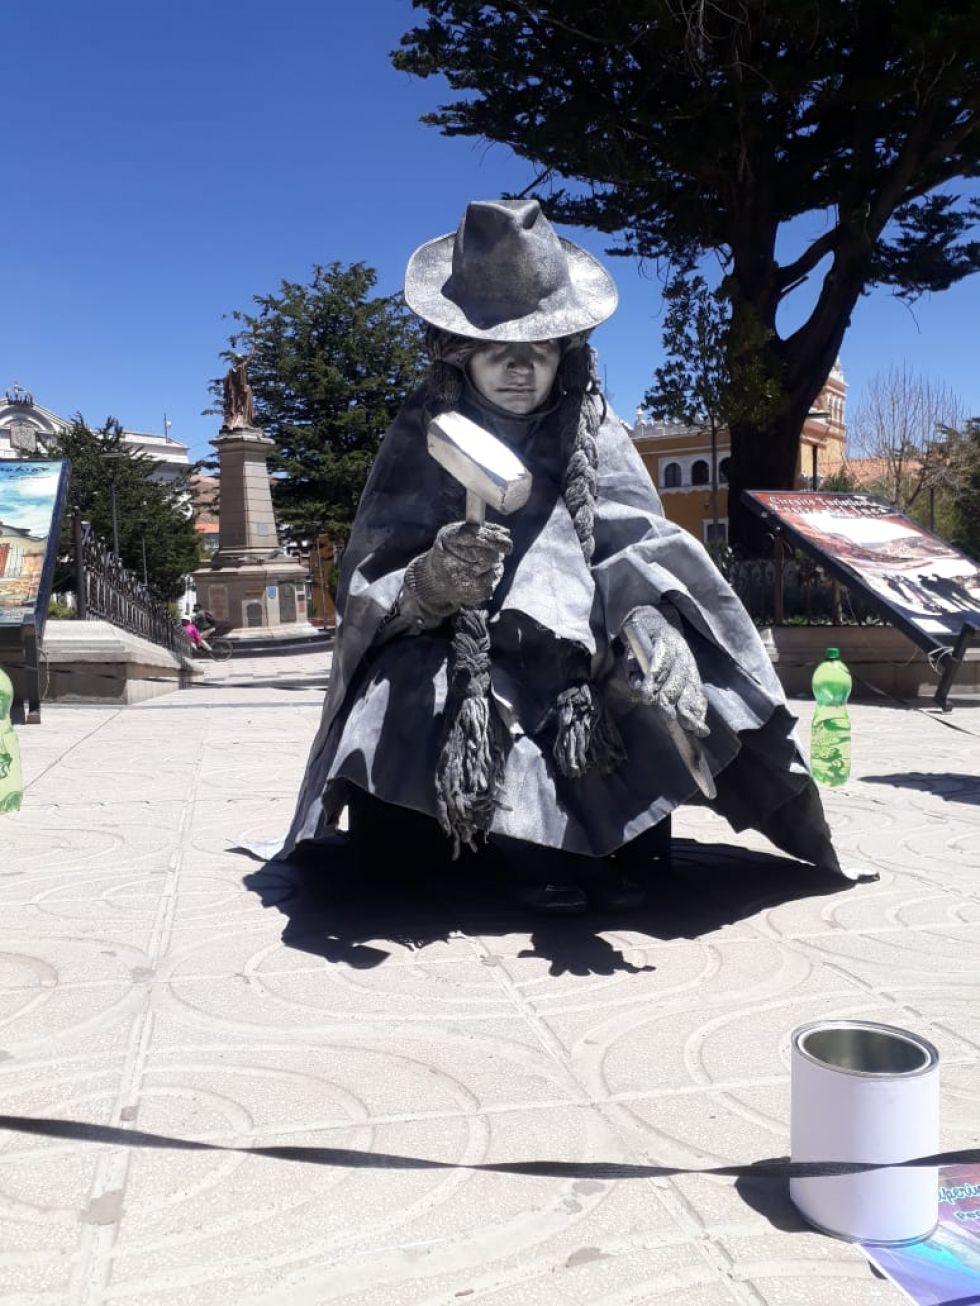 Potosí busca impulsar el turismo con acto de arte y danza